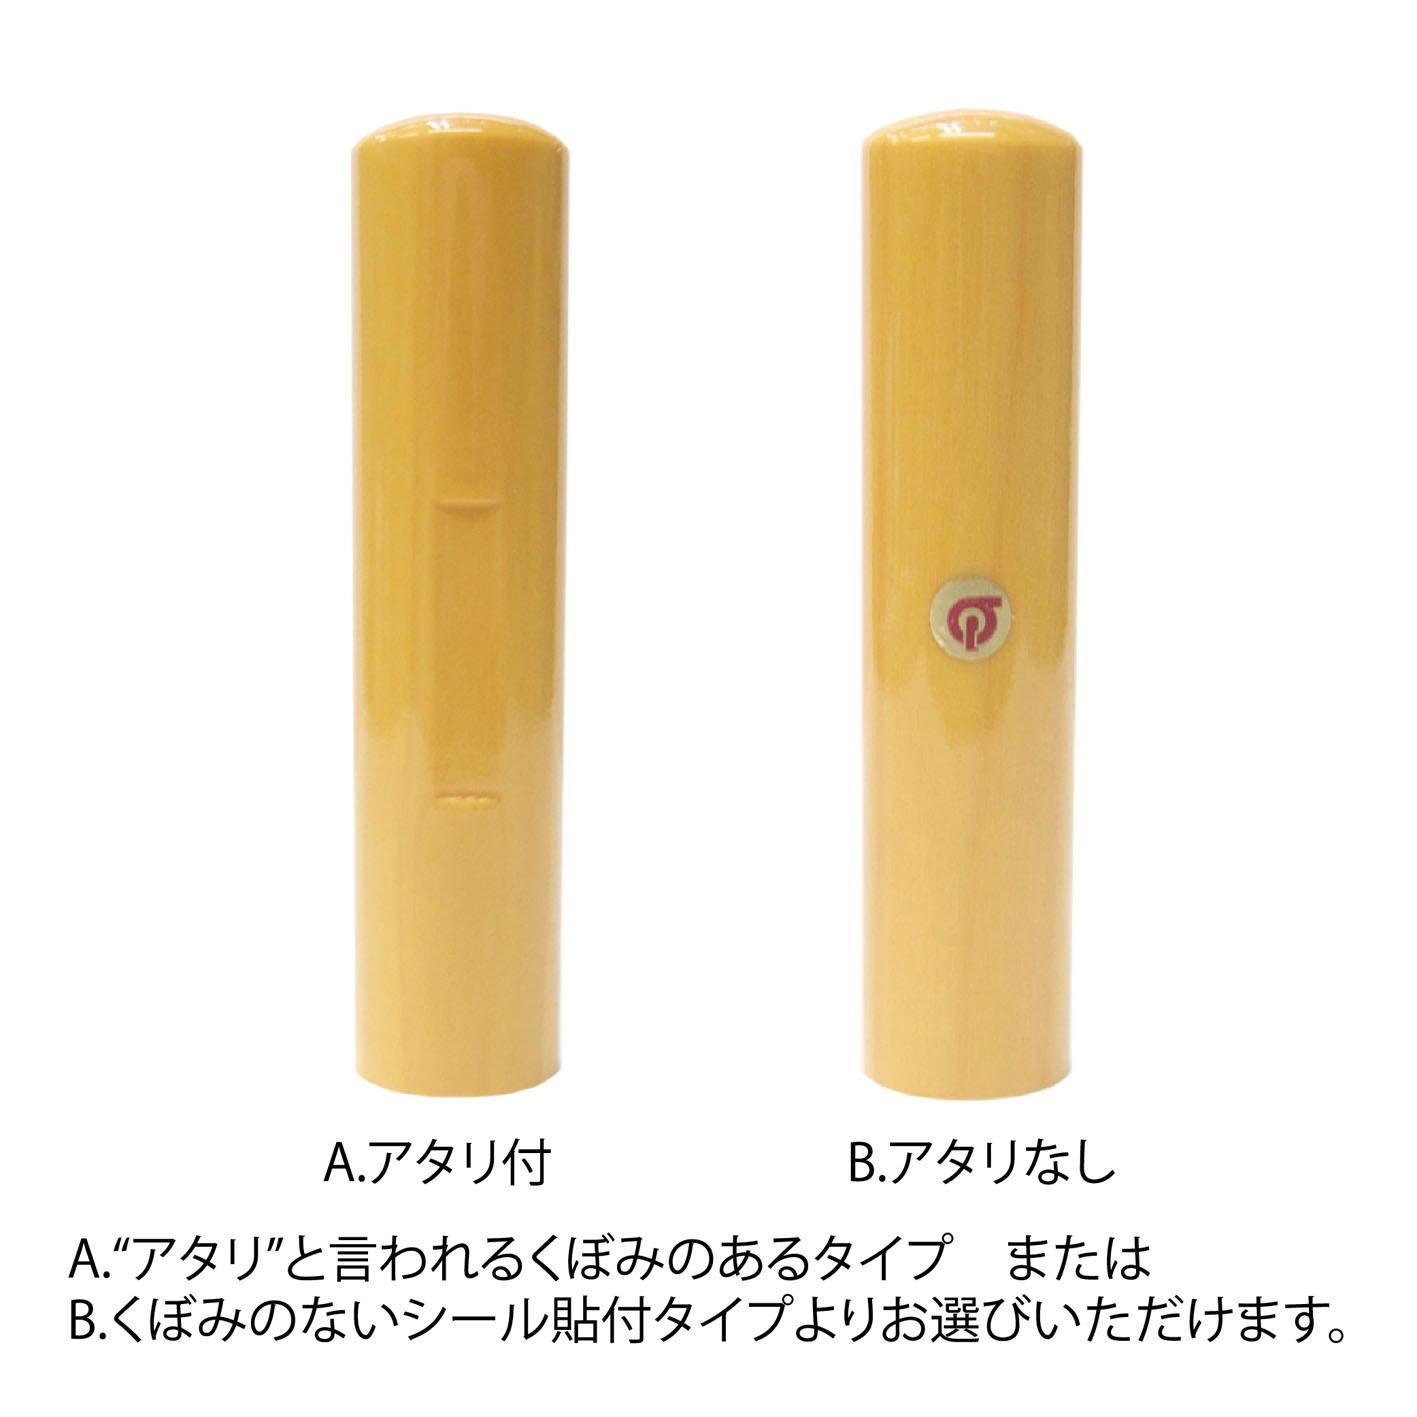 薩摩本柘個人実印15mm丸(姓名彫刻)